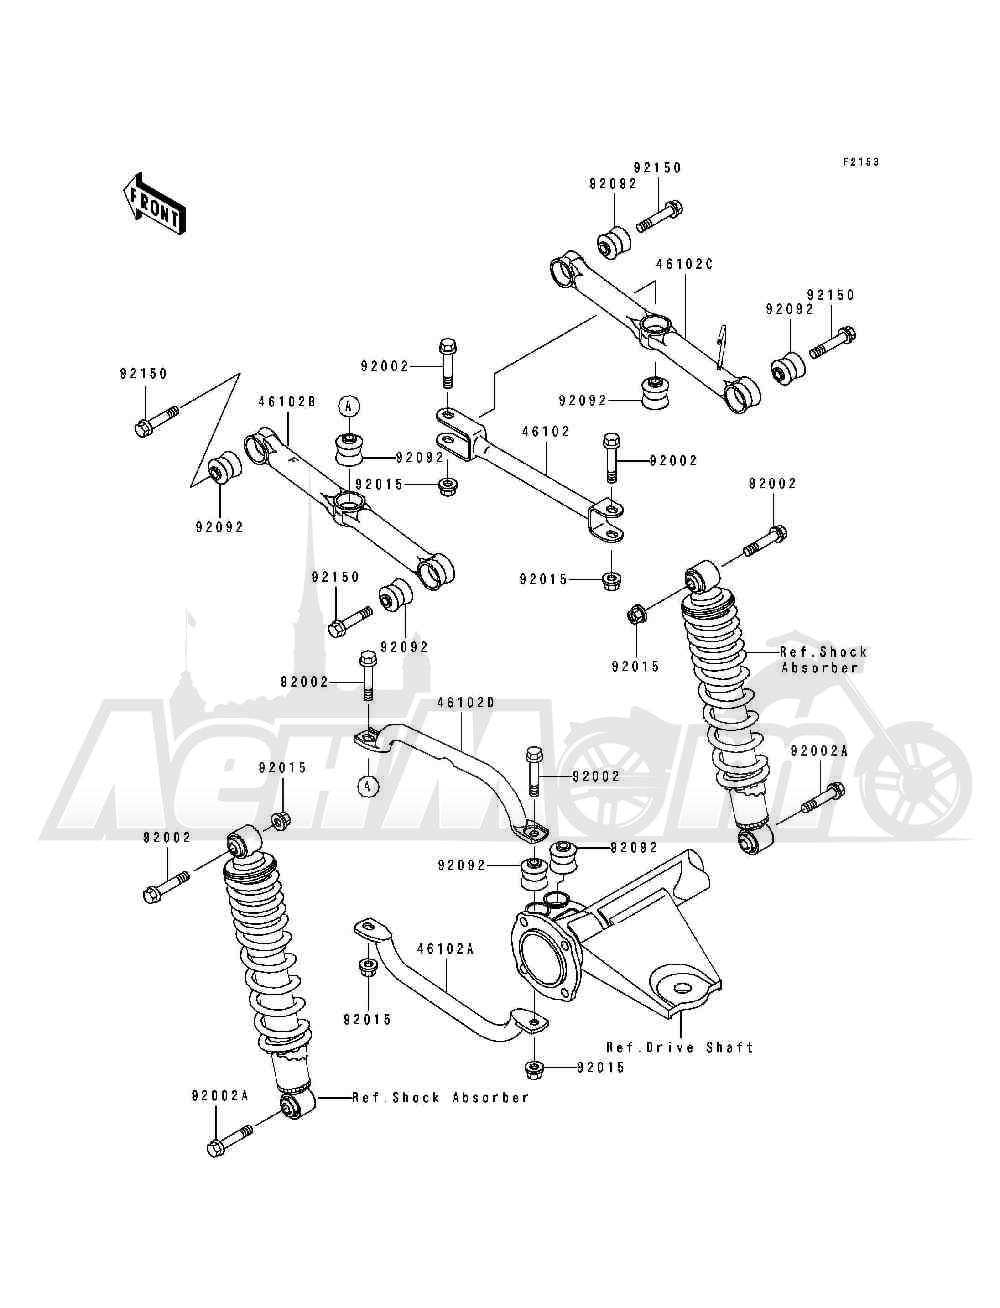 Запчасти для Квадроцикла Kawasaki 1994 BAYOU 400 4X4 (KLF400-B2) Раздел: REAR SUSPENSION | задняя подвеска